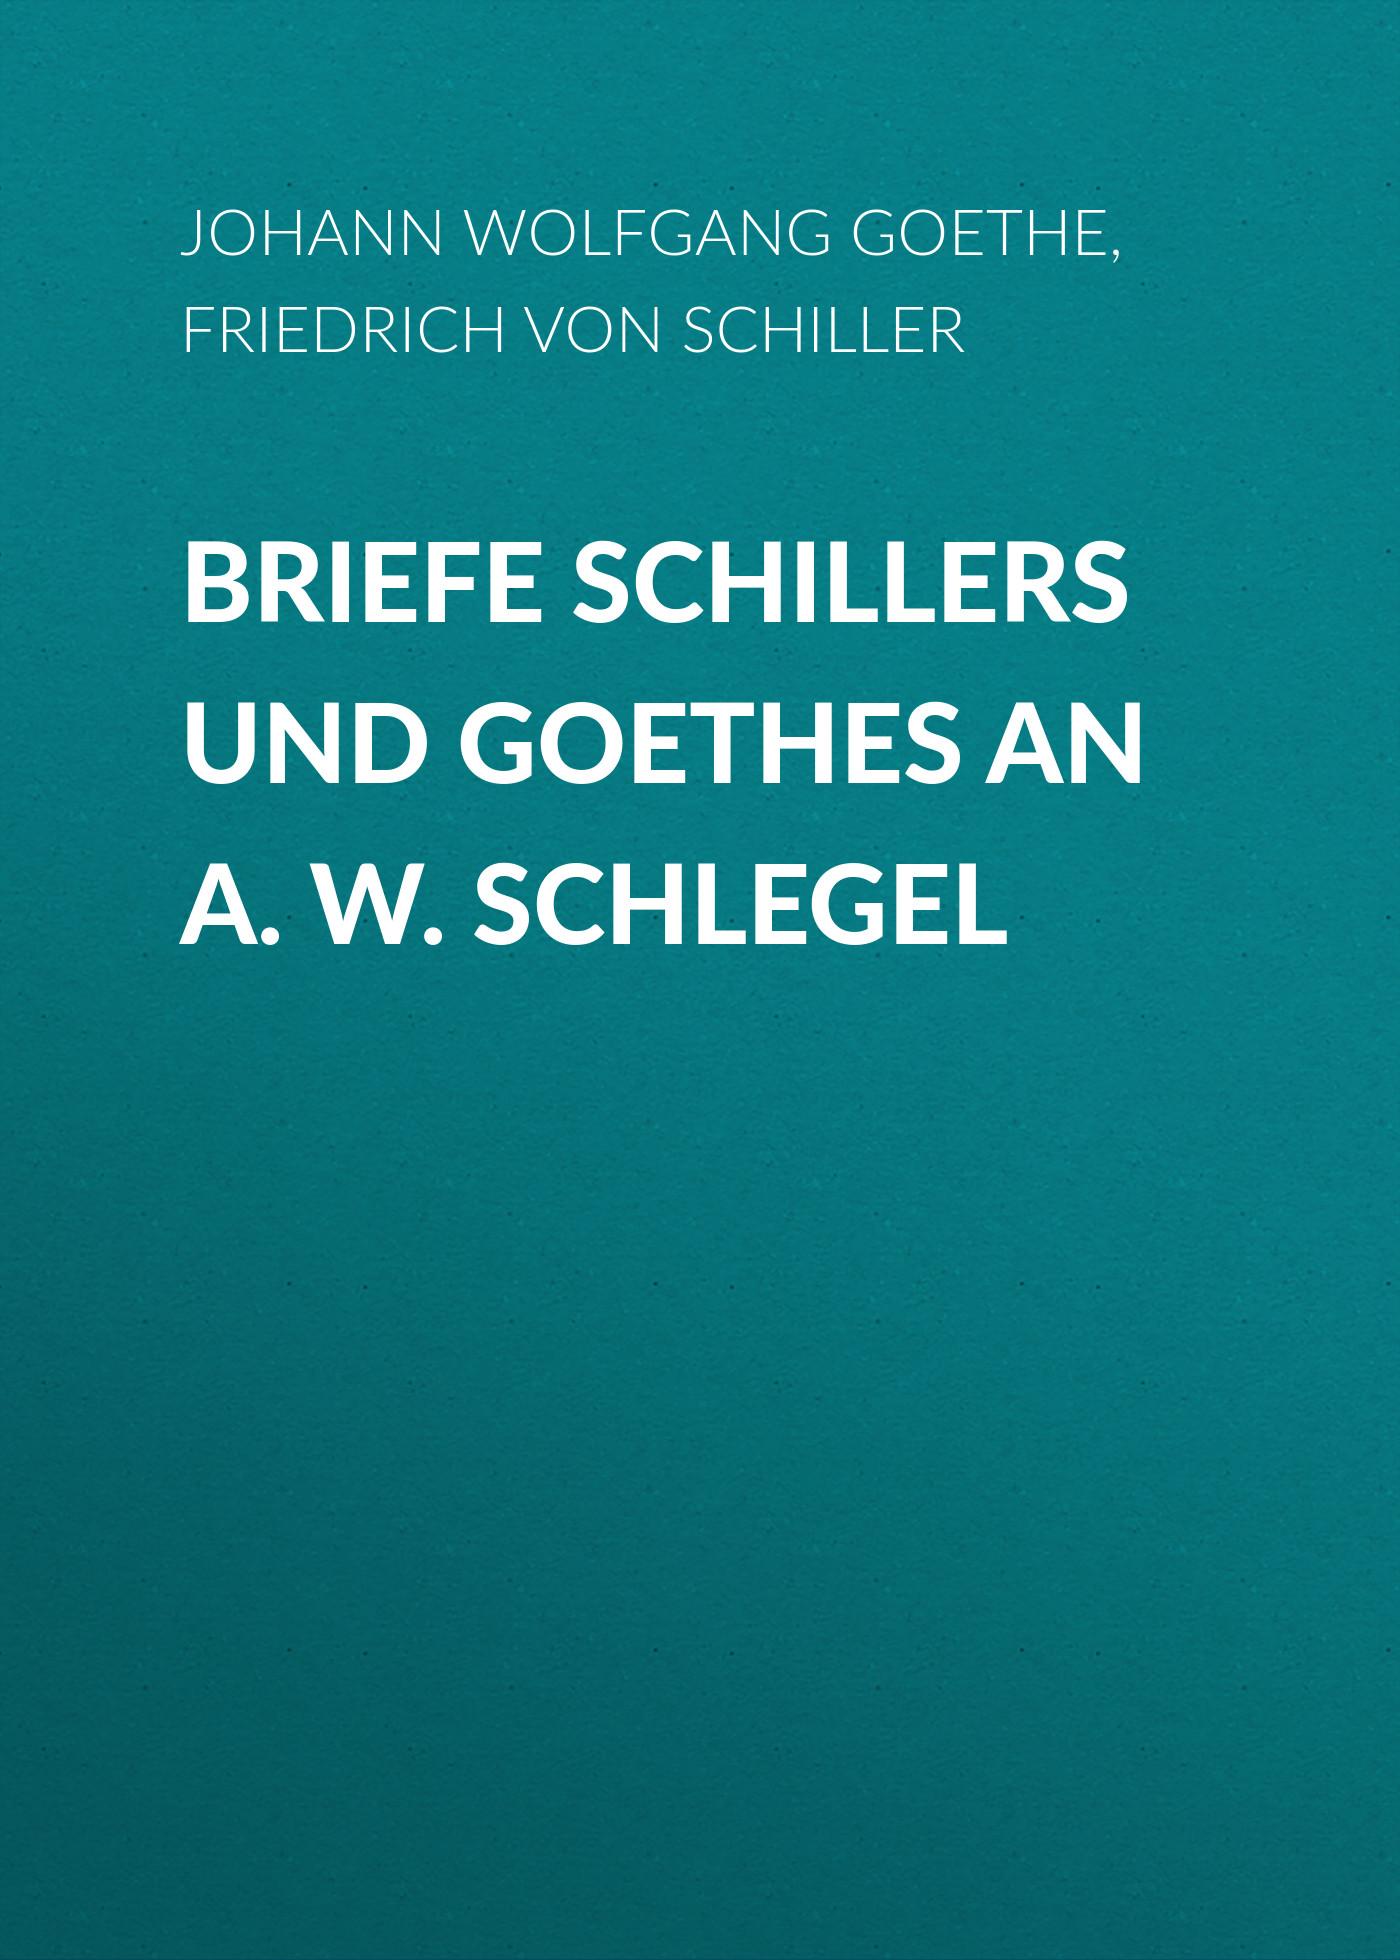 Friedrich von Schiller Briefe Schillers und Goethes an A. W. Schlegel aus goethes brieftasche